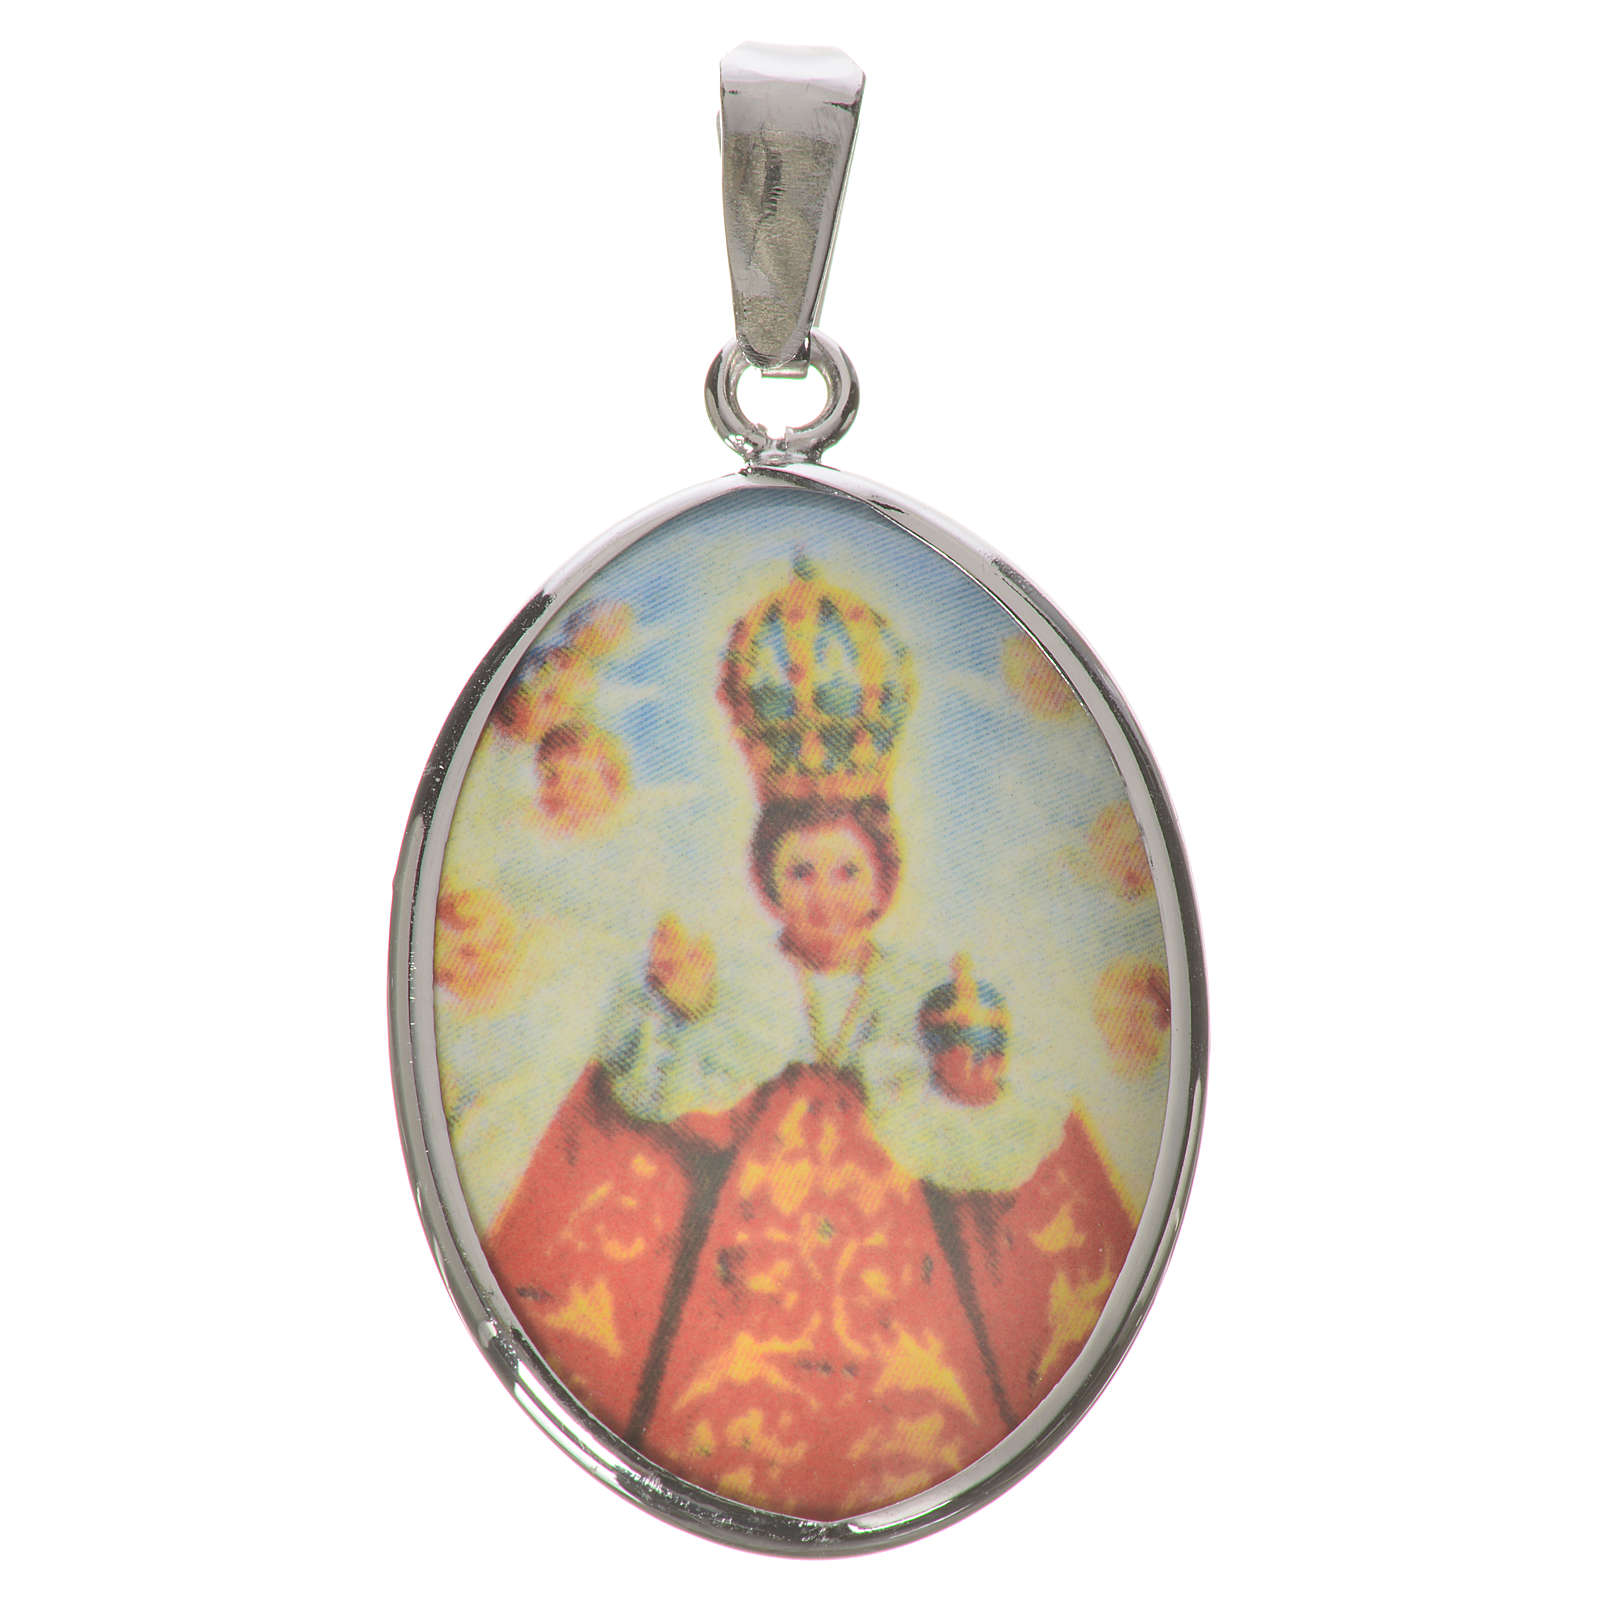 Médaille ovale argent 27mm Enfant Jésus Prague 4